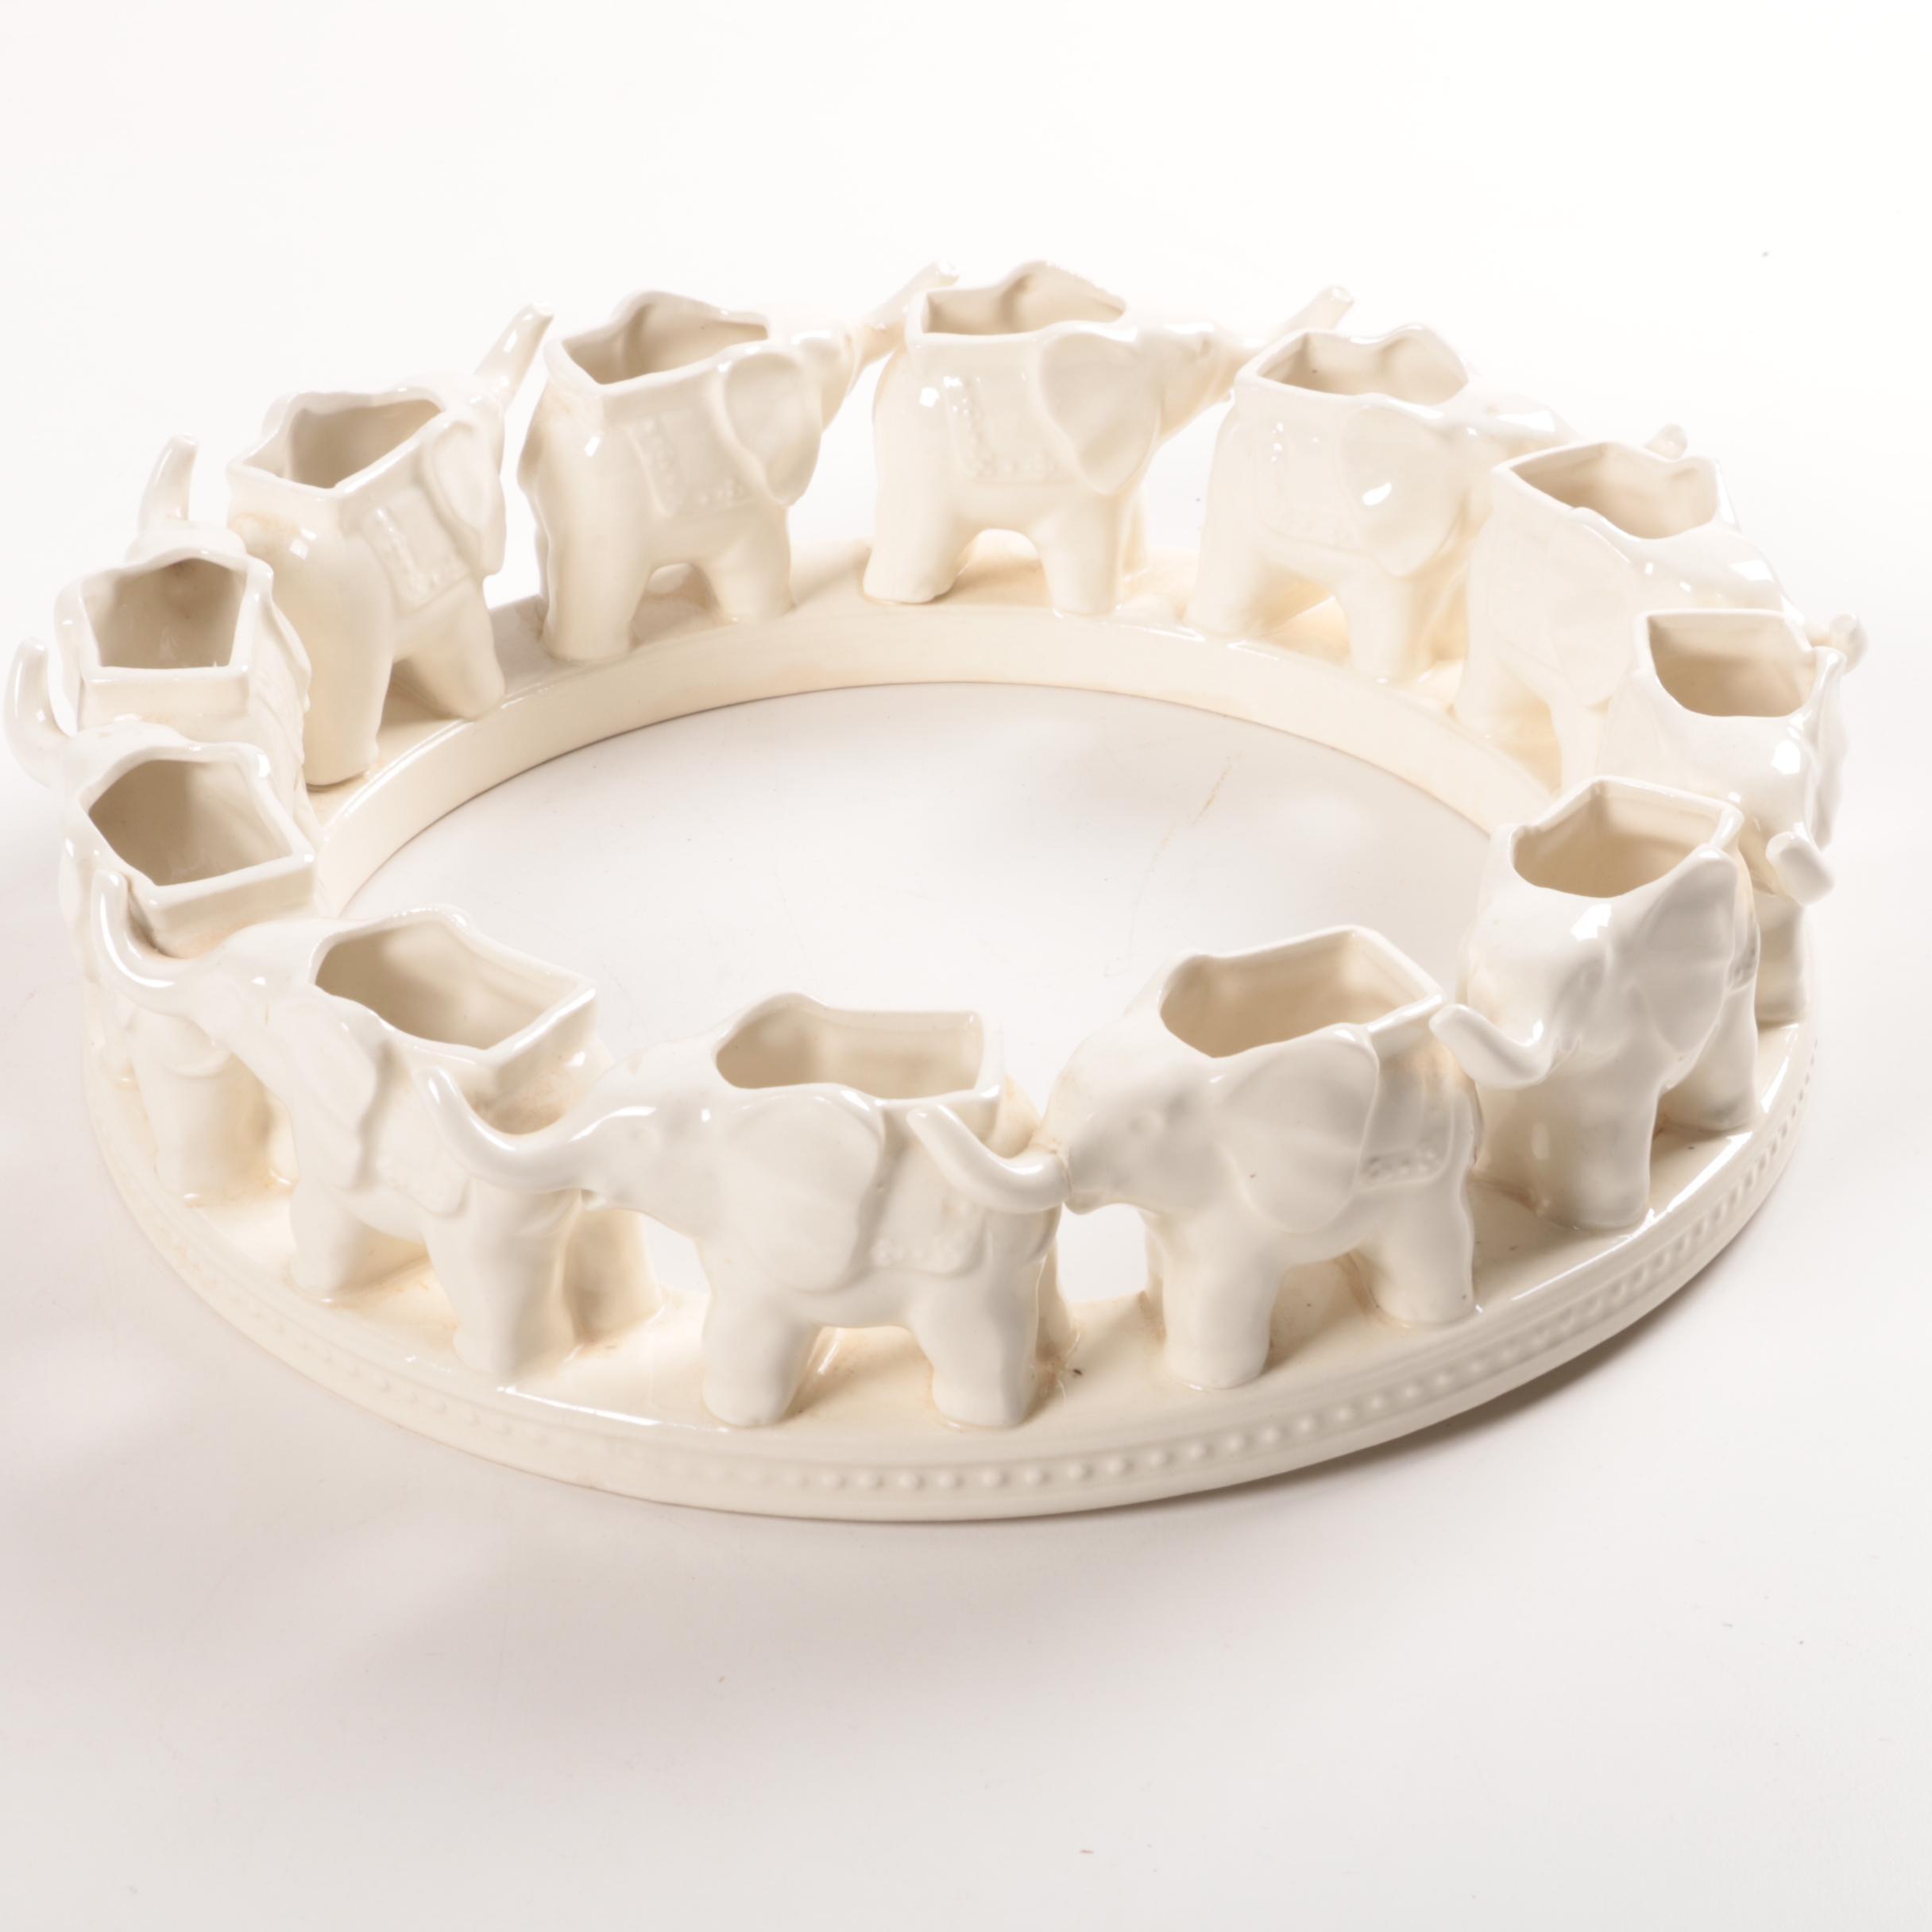 Ceramic Ring of Elephants Flower Frog